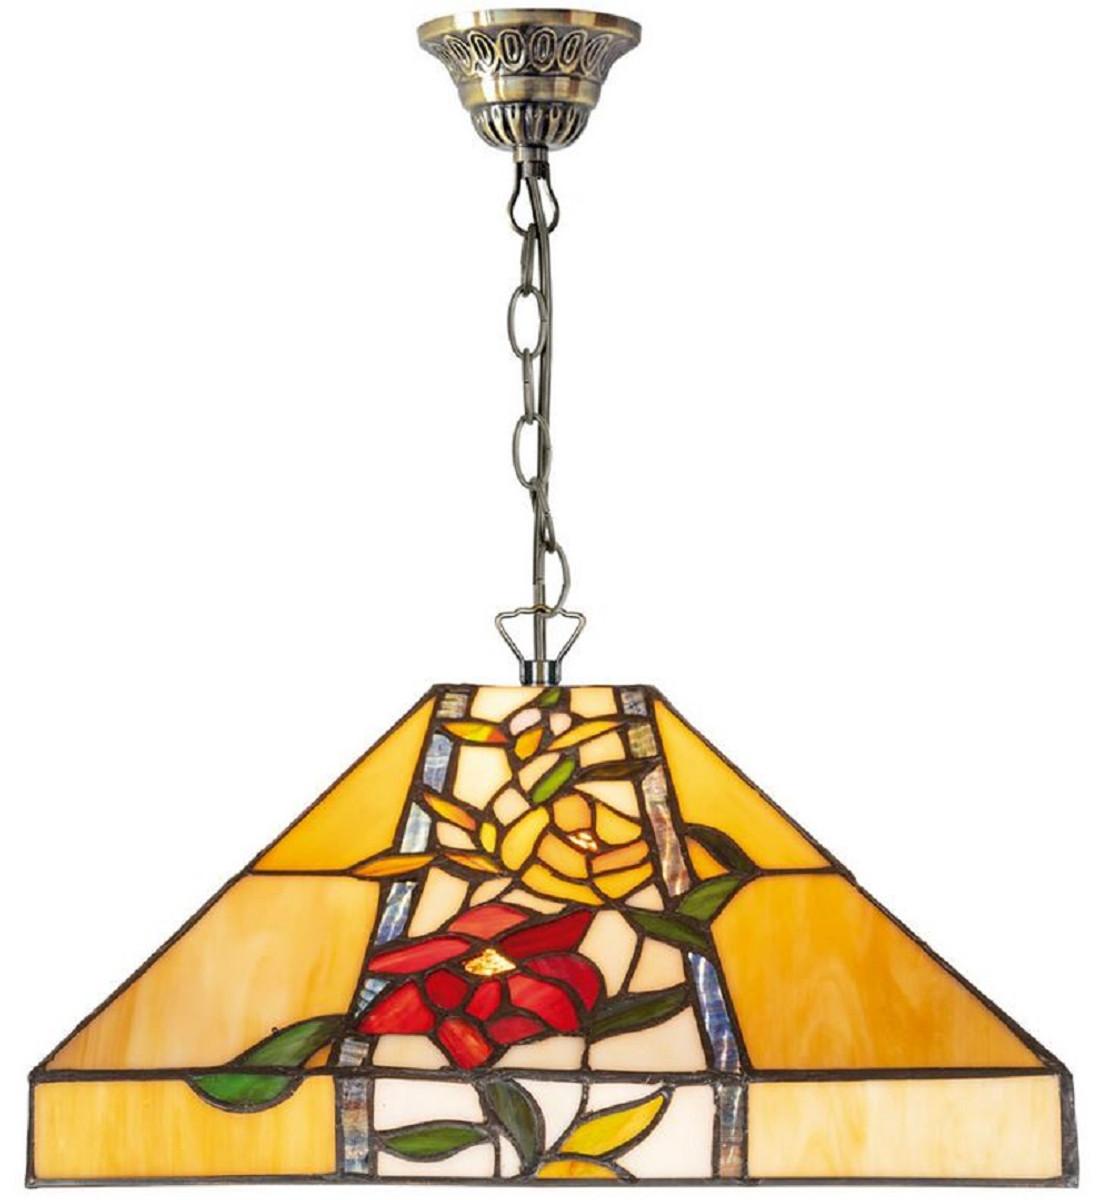 Casa Padrino Luxus Tiffany Hängeleuchte Mehrfarbig 40 x 40 x H. 95 cm - Tiffany Pendelleuchte mit Blumendesign und handgefertigtem Glas Lampenschirm 1